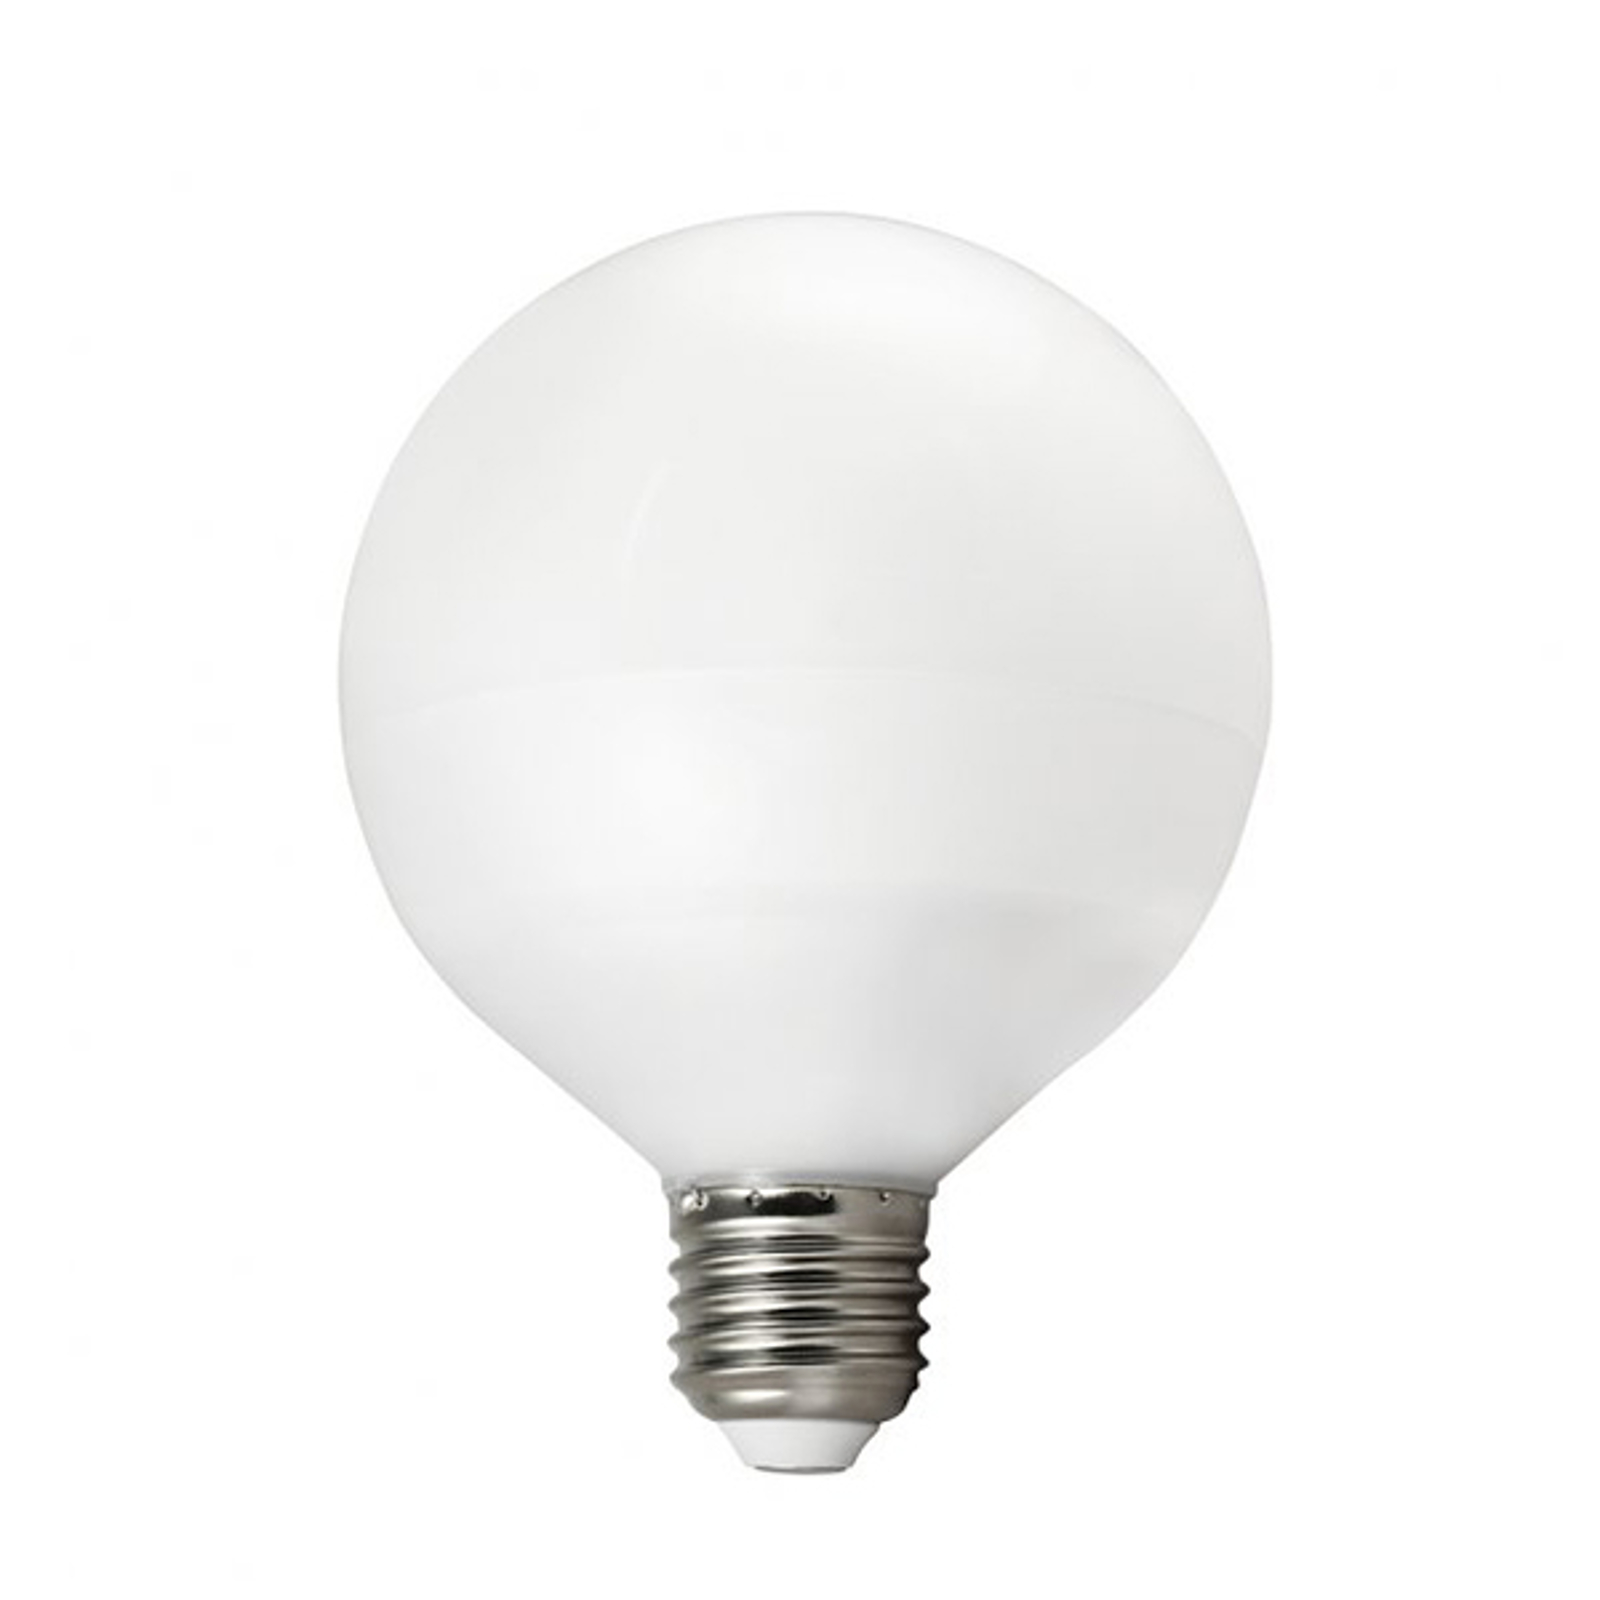 E27 13W 827 LED globe lamp G95, warm white_2515042_1